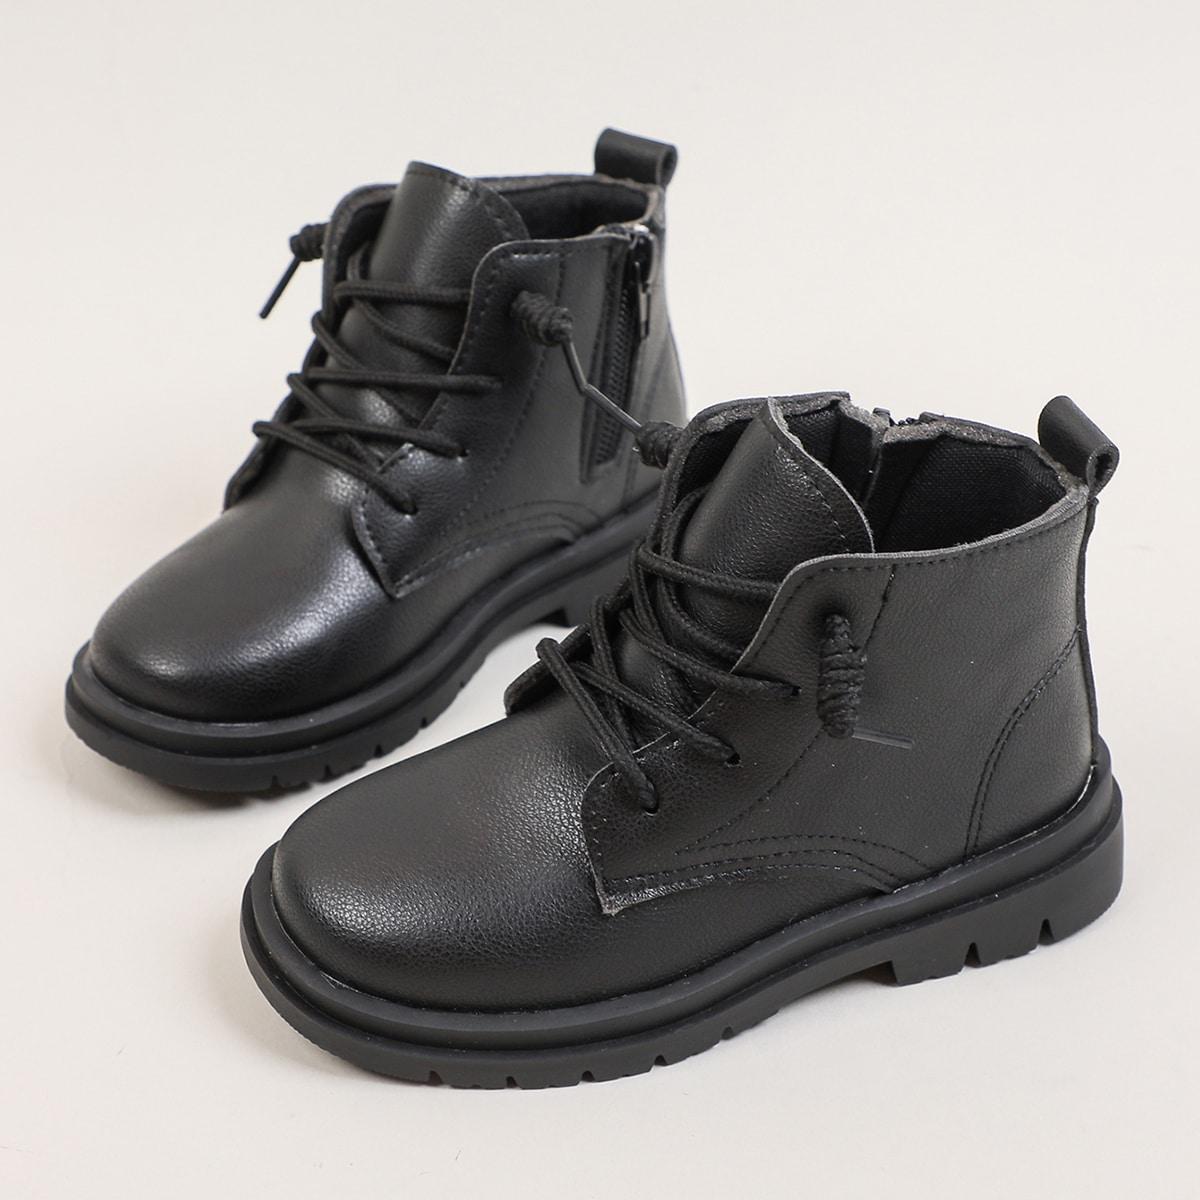 для девочек Ботинки комбат с молнией SheIn sk2108094301685043